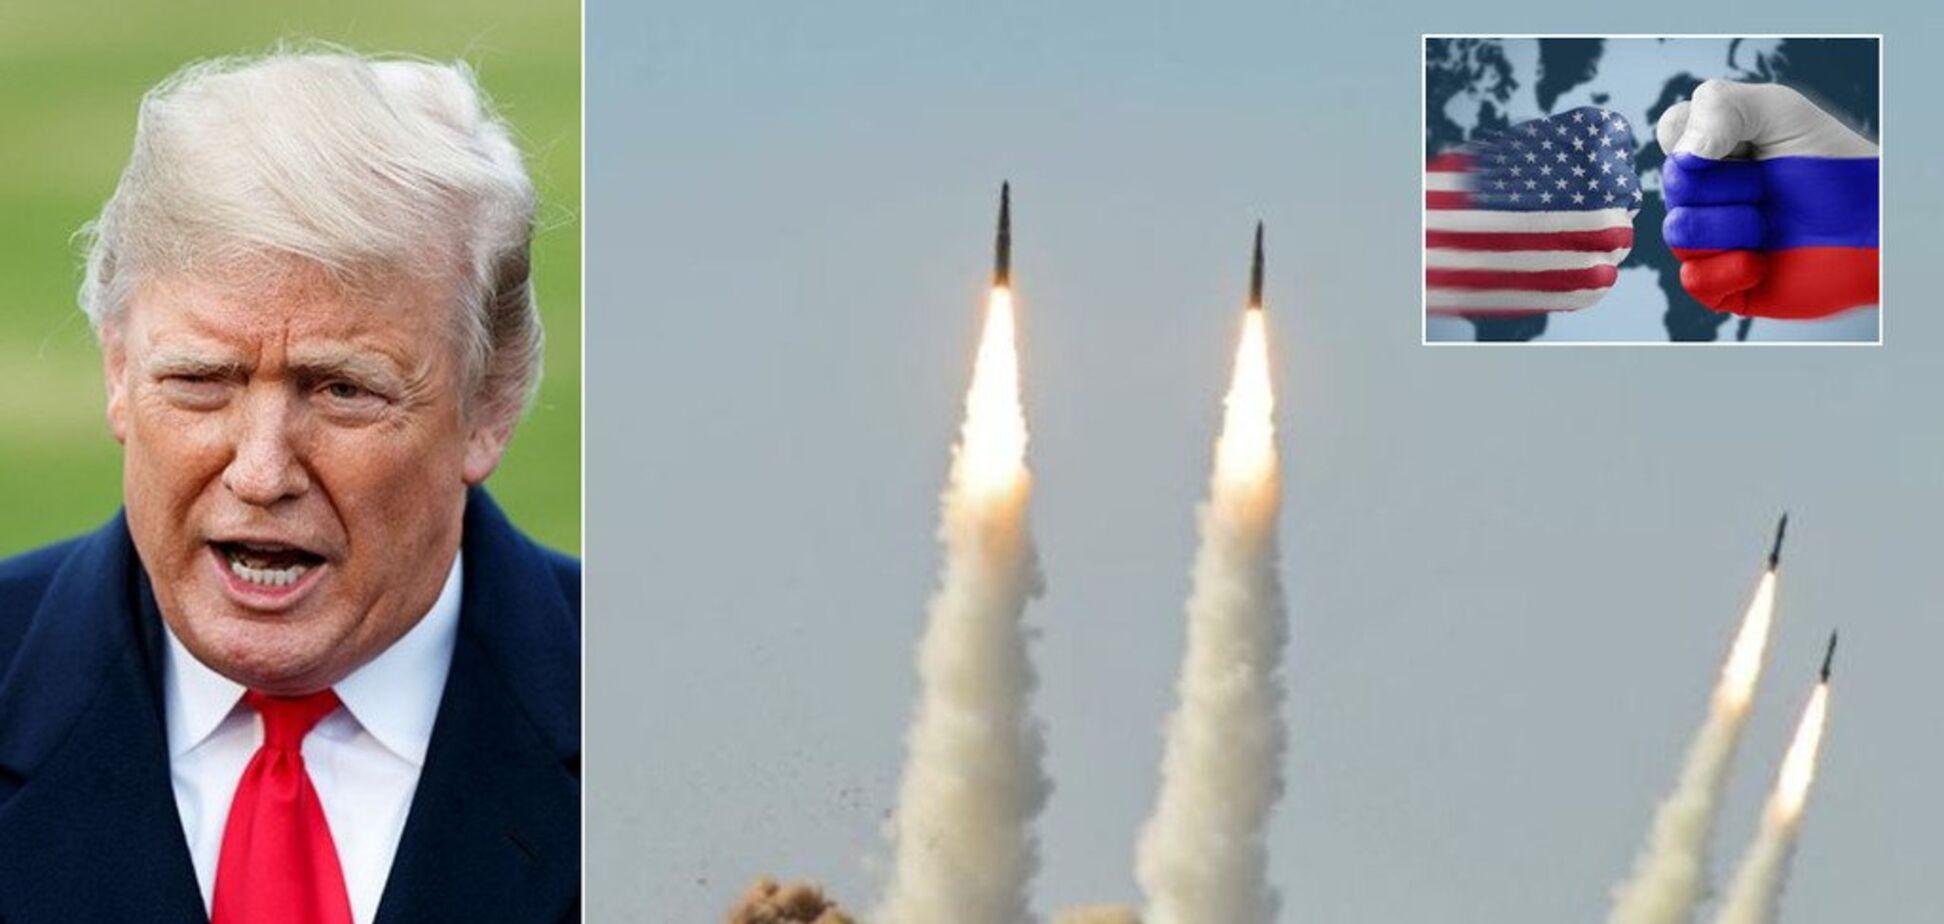 США выходят из ракетного договора: Трамп сделал историческое заявление